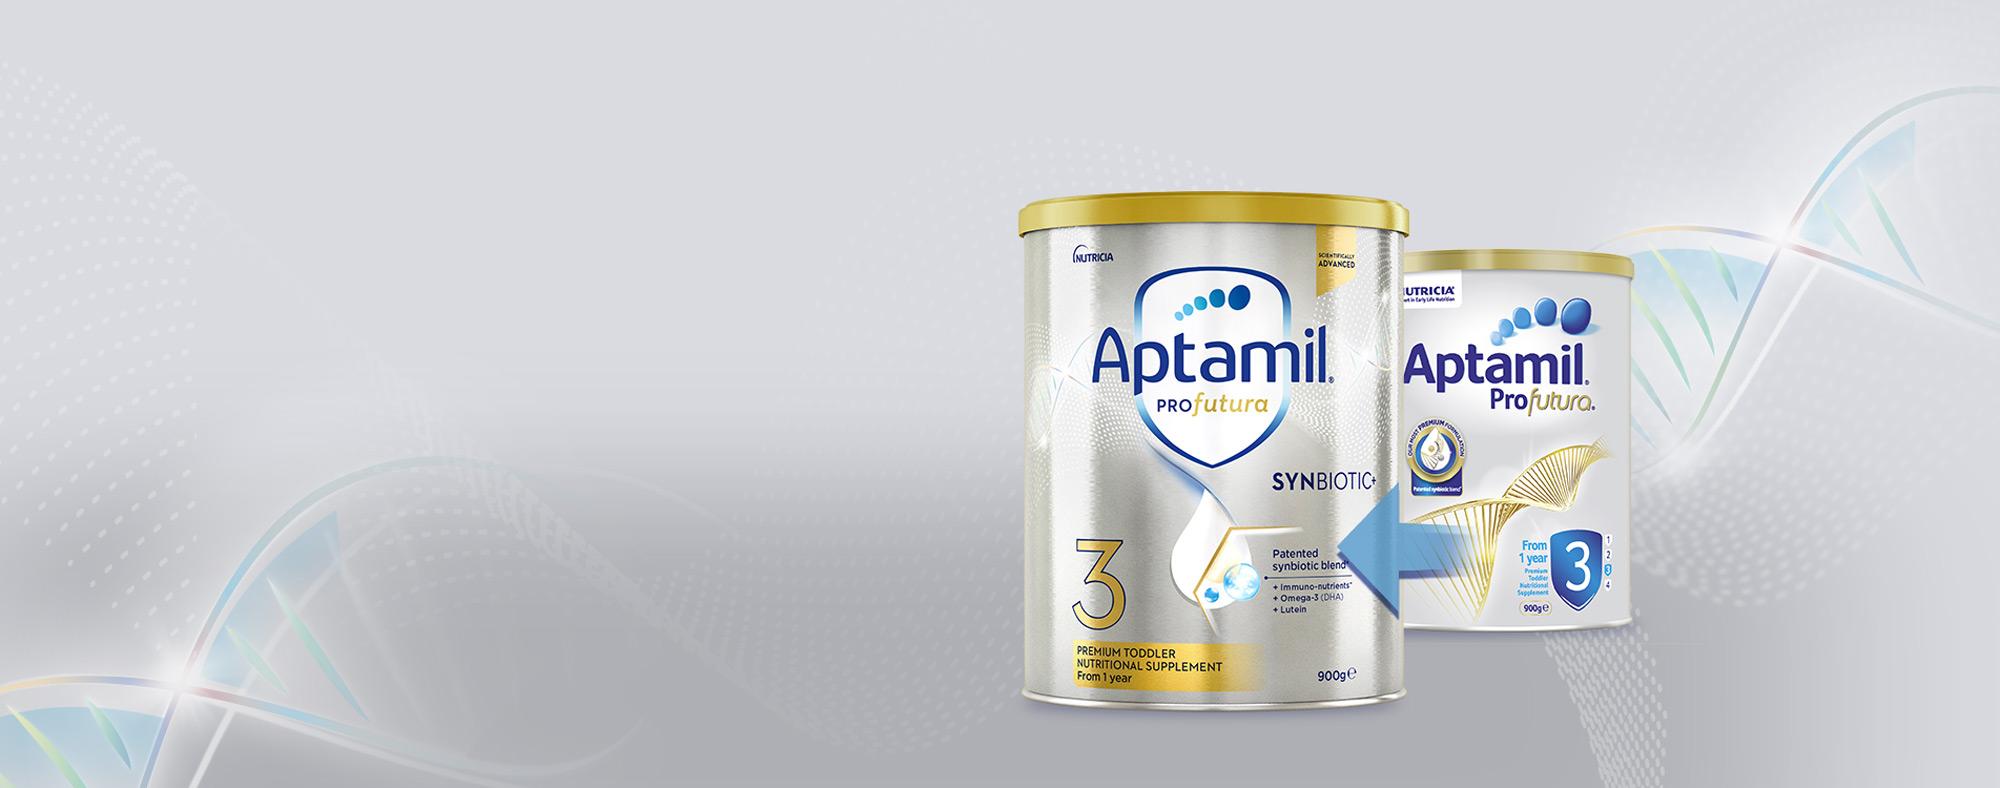 Aptamil Toddler - Old Tin and New Tin